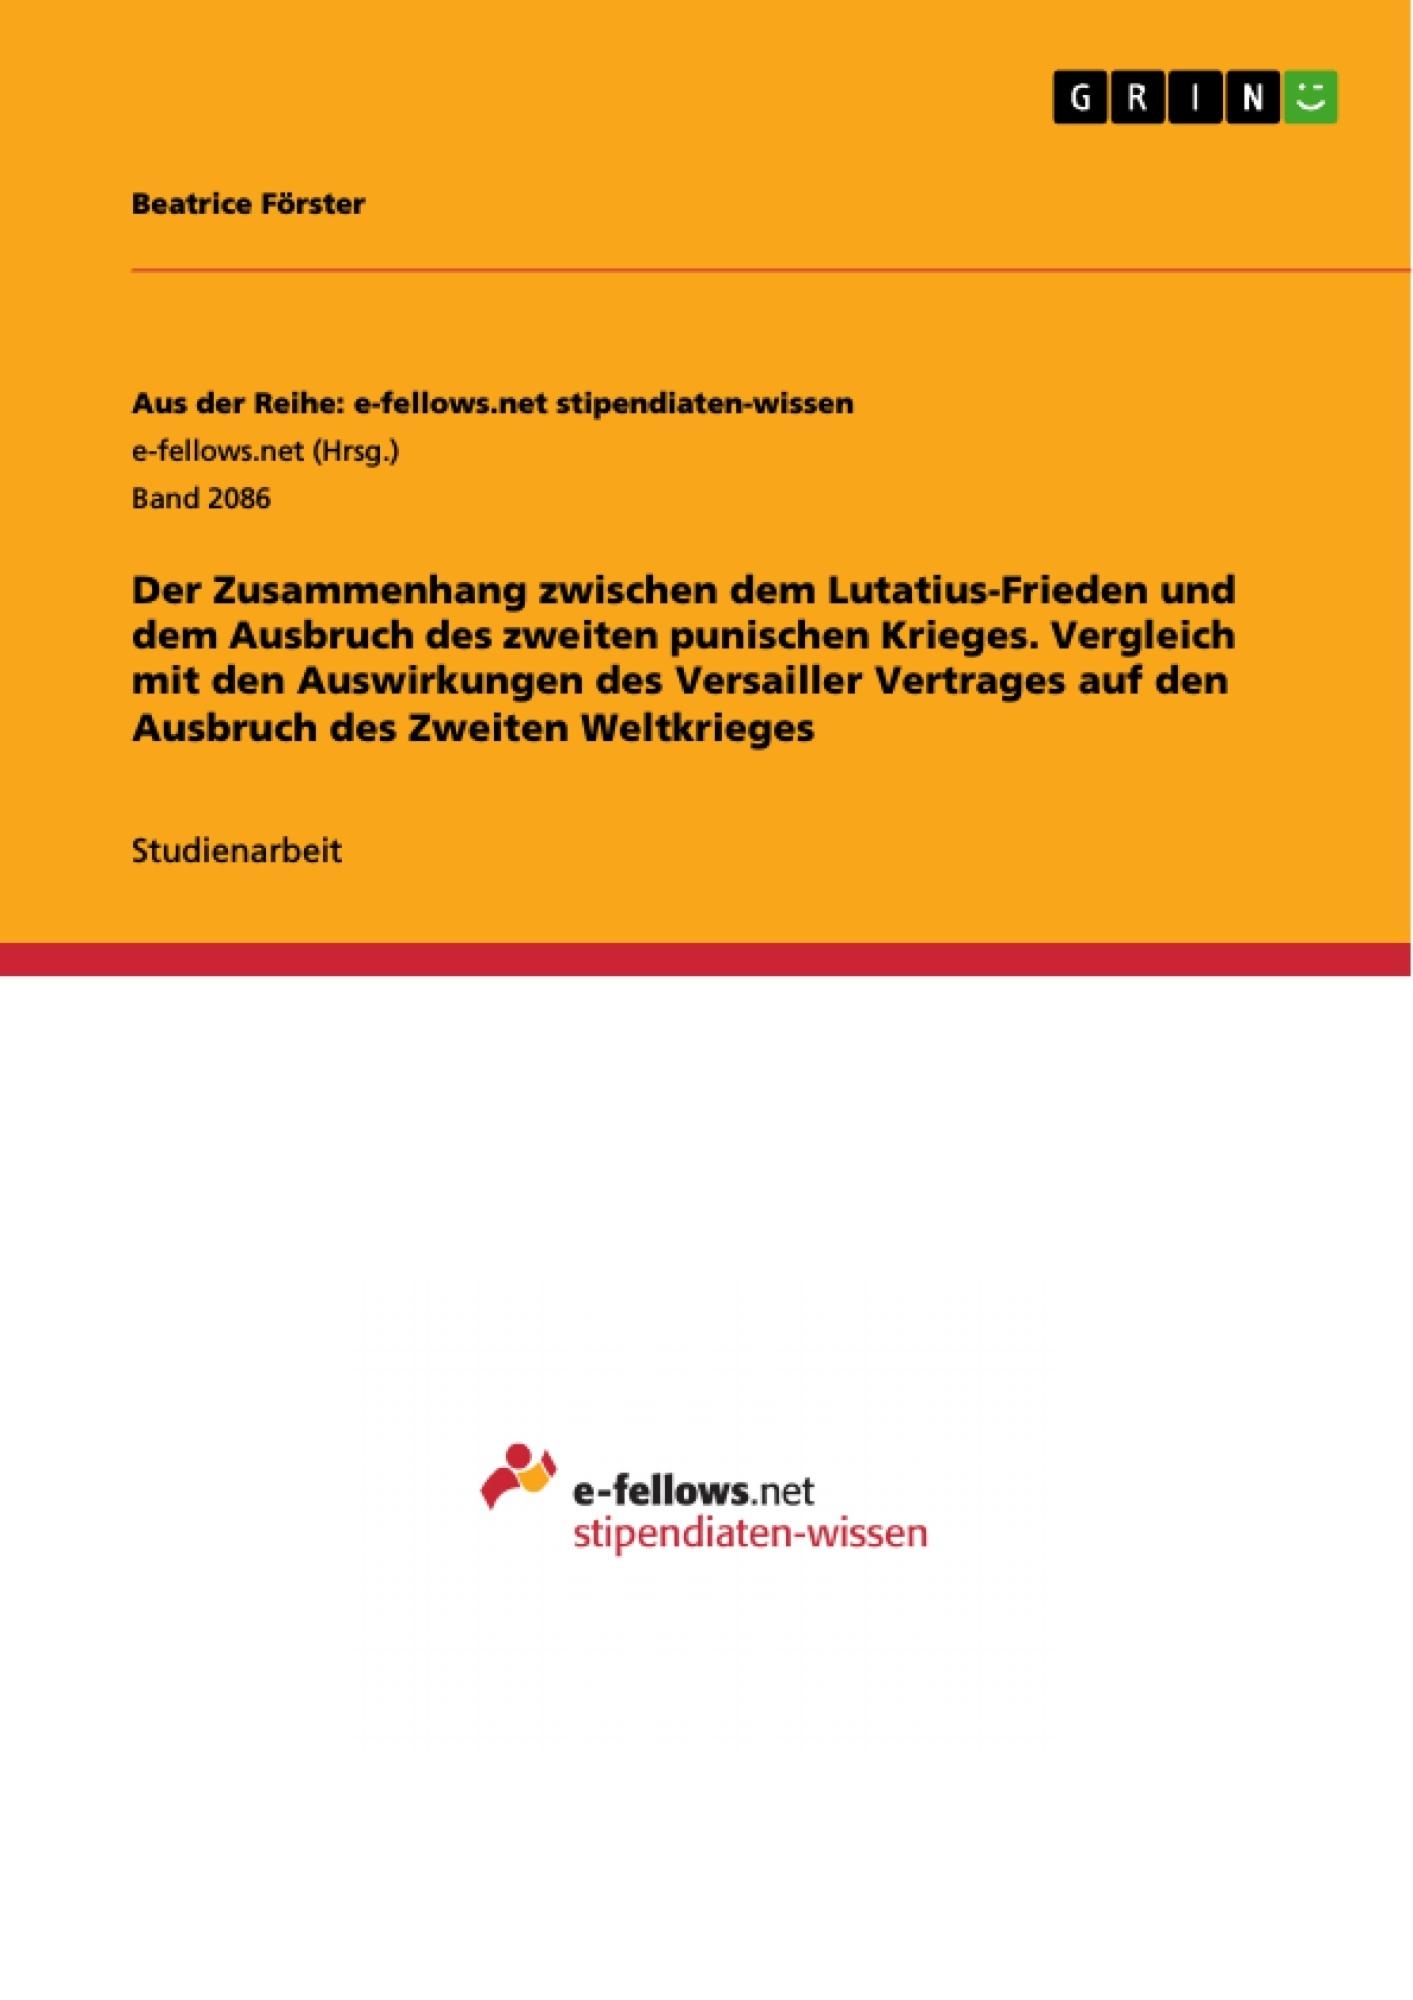 Titel: Der Zusammenhang zwischen dem Lutatius-Frieden und dem Ausbruch des zweiten punischen Krieges. Vergleich mit den Auswirkungen des Versailler Vertrages auf den Ausbruch des Zweiten Weltkrieges